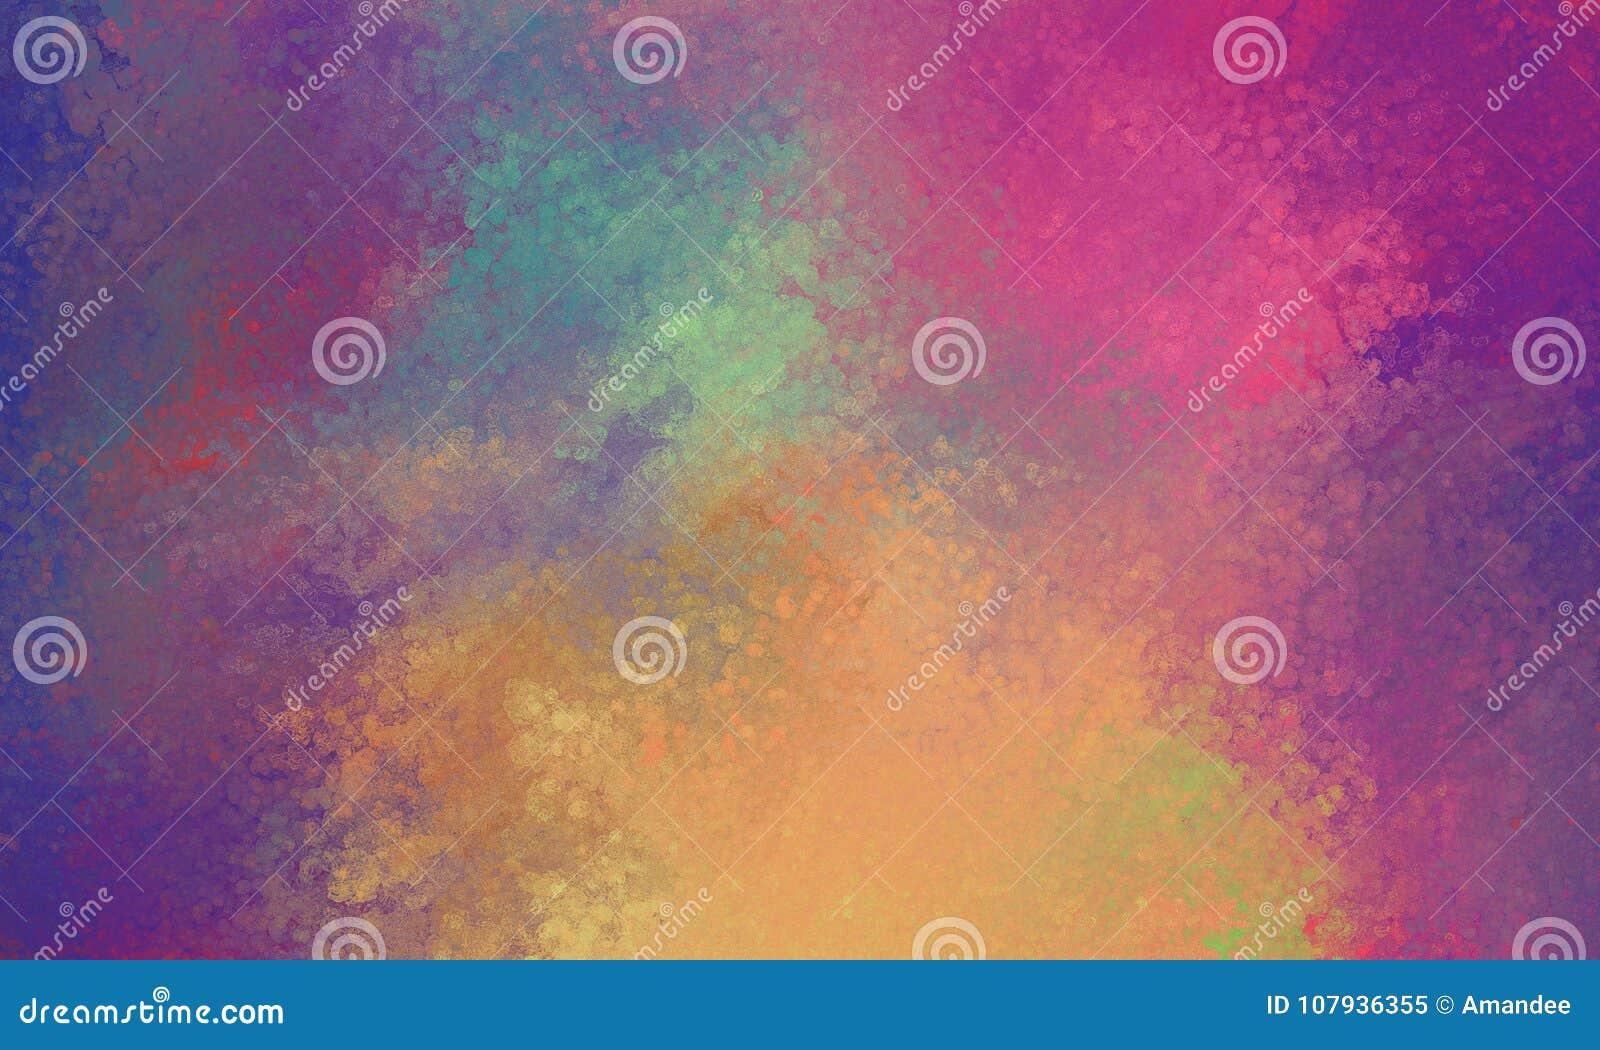 Fondo anaranjado y amarillo azul rosado púrpura con la falta de definición vidriosa de la textura de las luces del bokeh